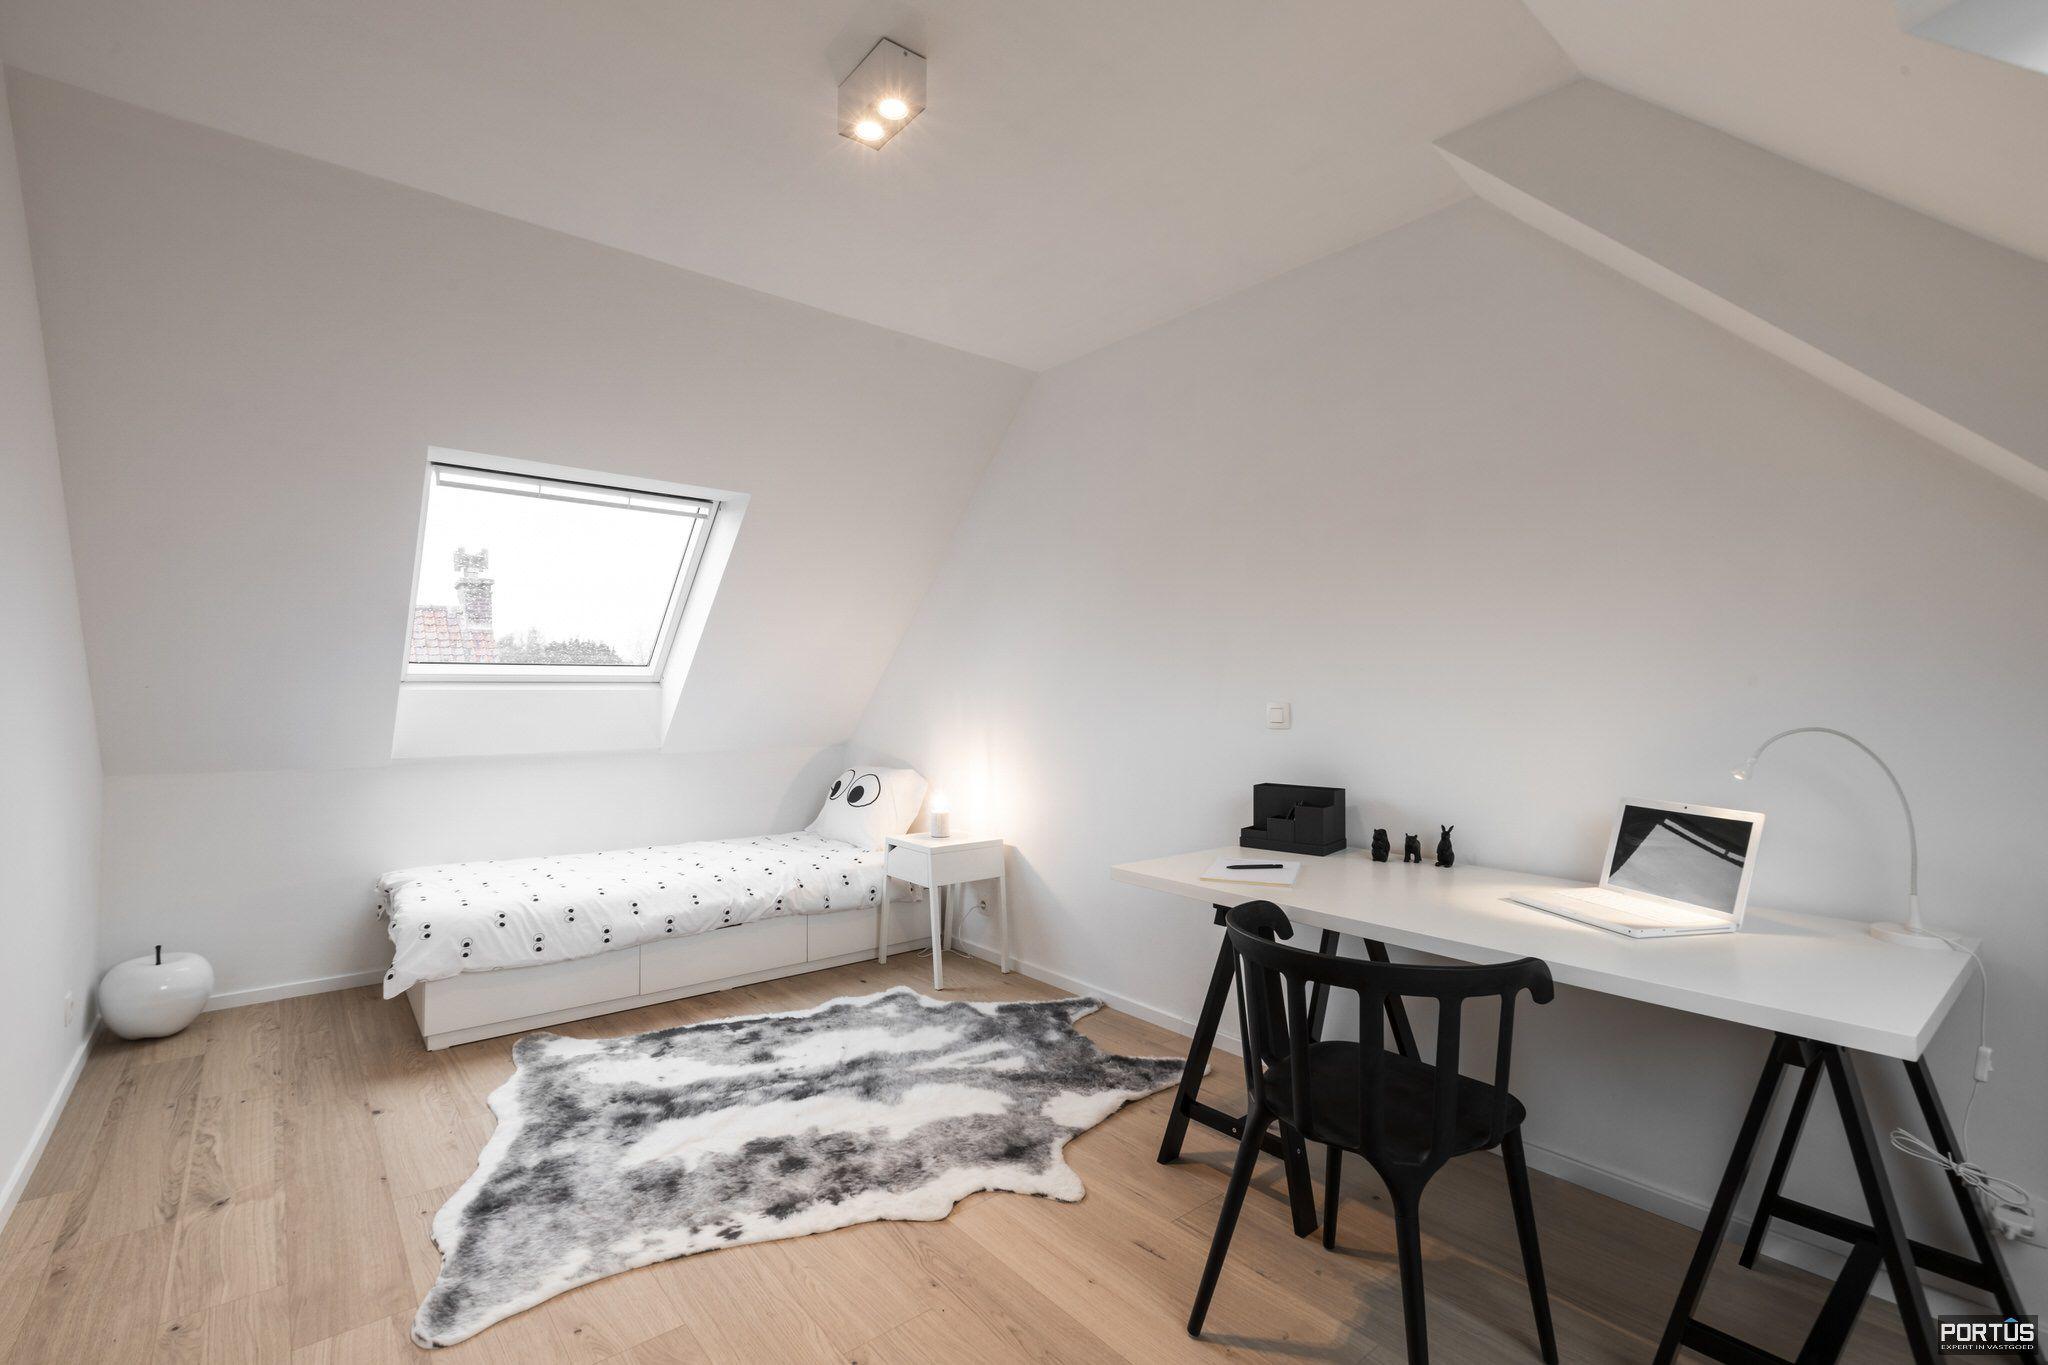 Nieuwbouwwoning met 4 slaapkamers te koop te Lombardsijde - 12164